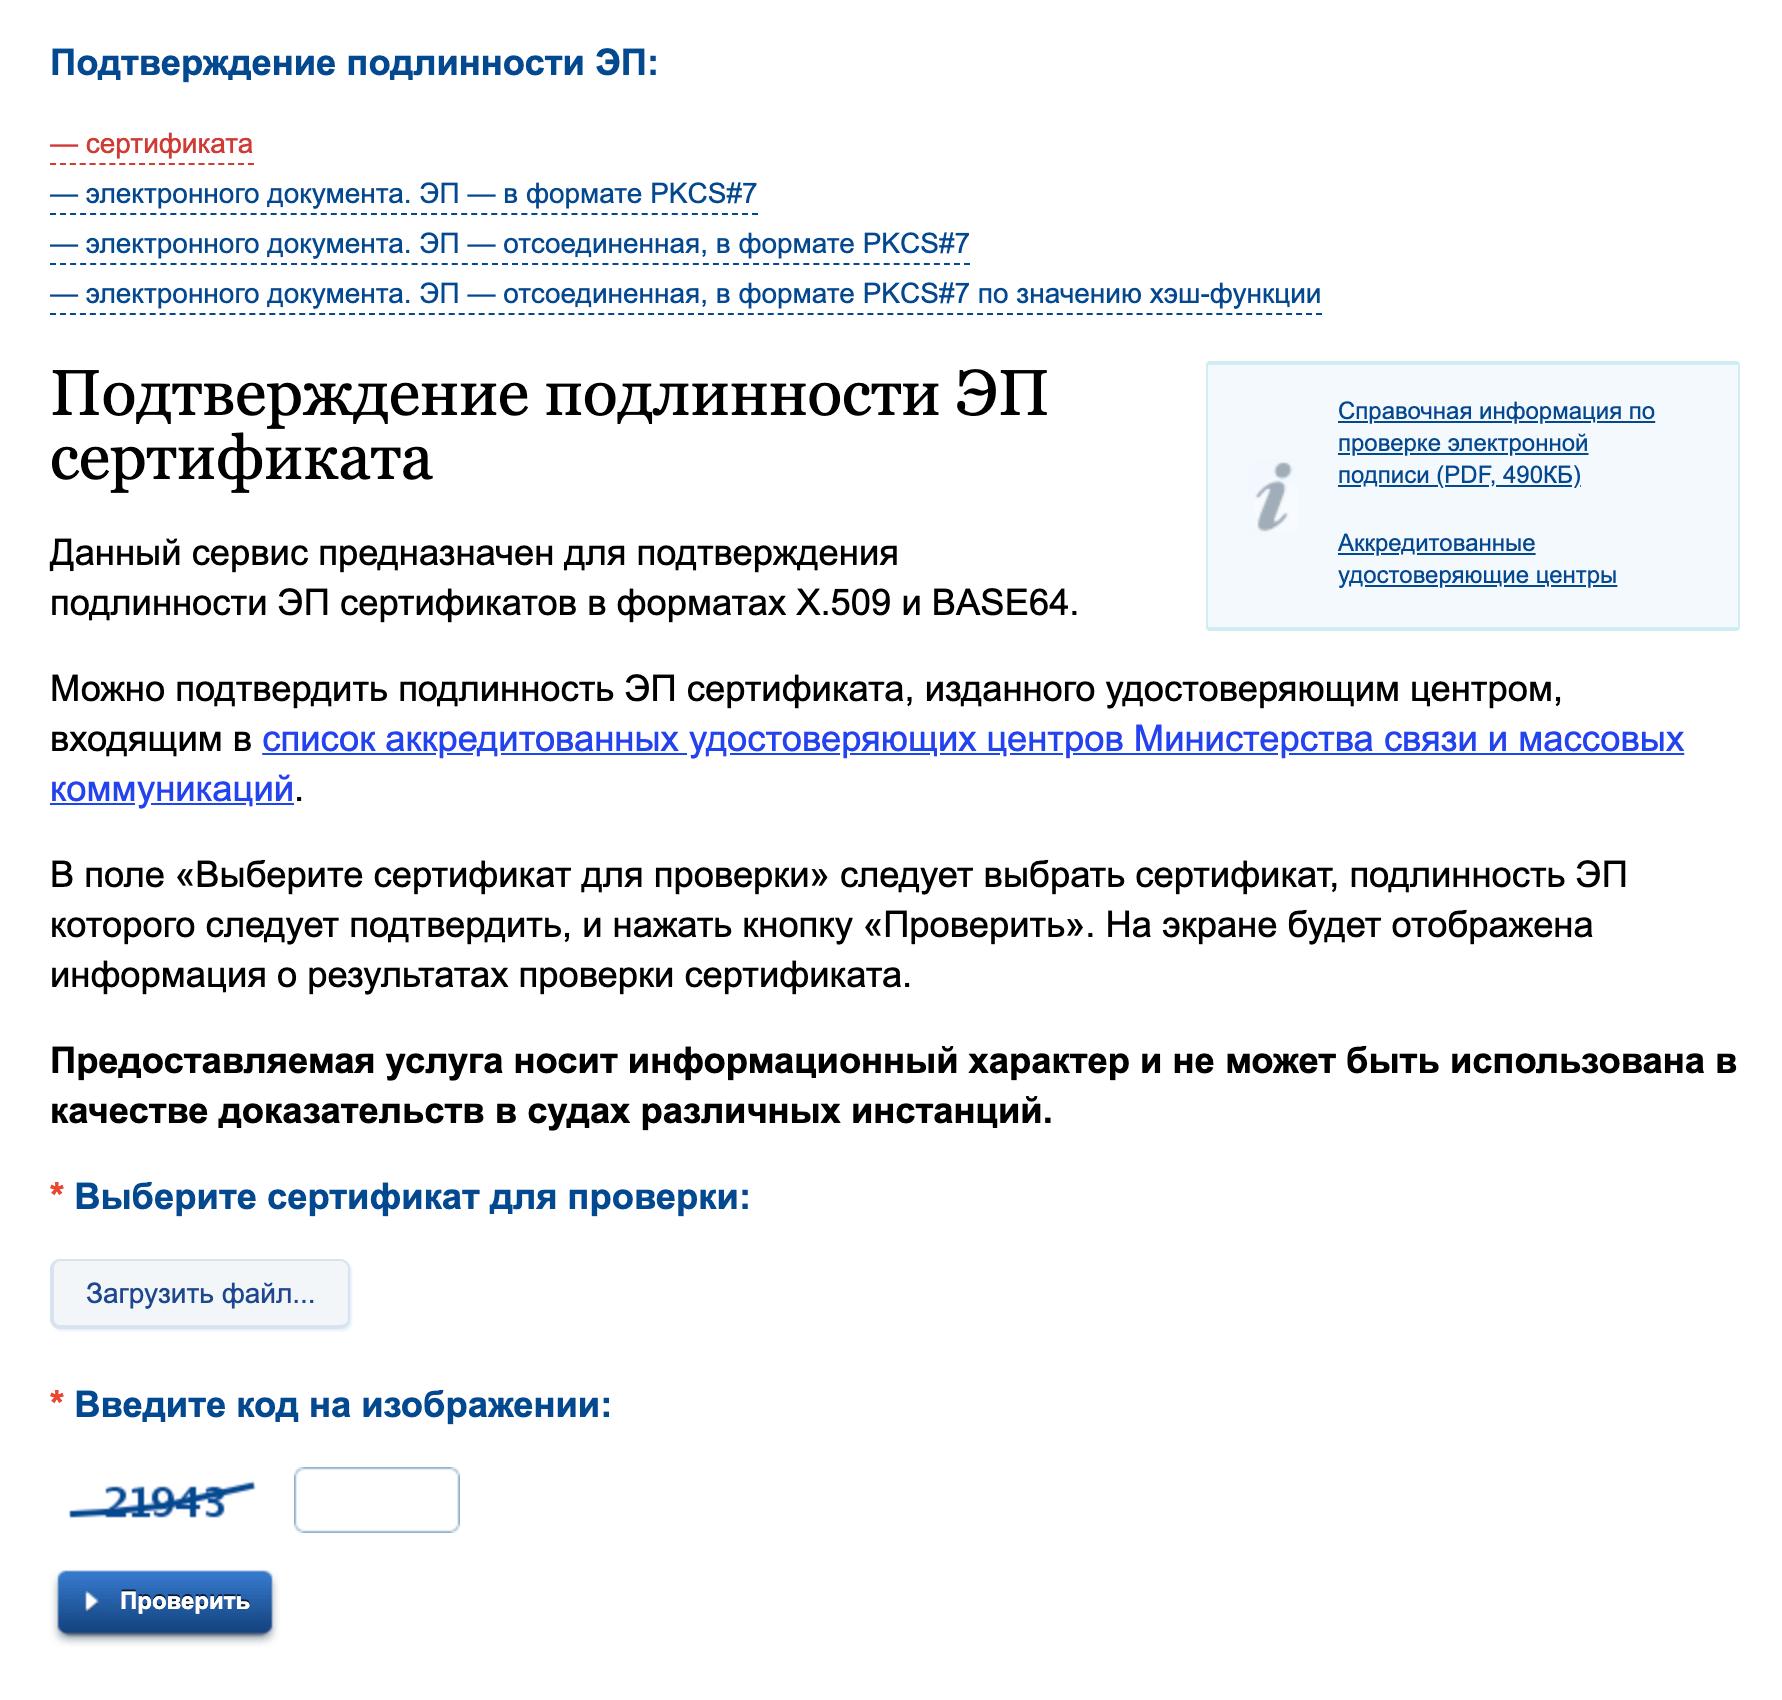 На сайте госуслуг вам нужен третий пункт — «ЭП отсоединенная, в формате PKCS#7». Загрузите документ, который хотите проверить, в формате PDF или xml и файл с подписью в формате xml.sig или pdf.sig. Названия документа дляпроверки и файла с подписью должны быть одинаковы. Затем введите проверочный код с изображения и кнопку «Проверить»